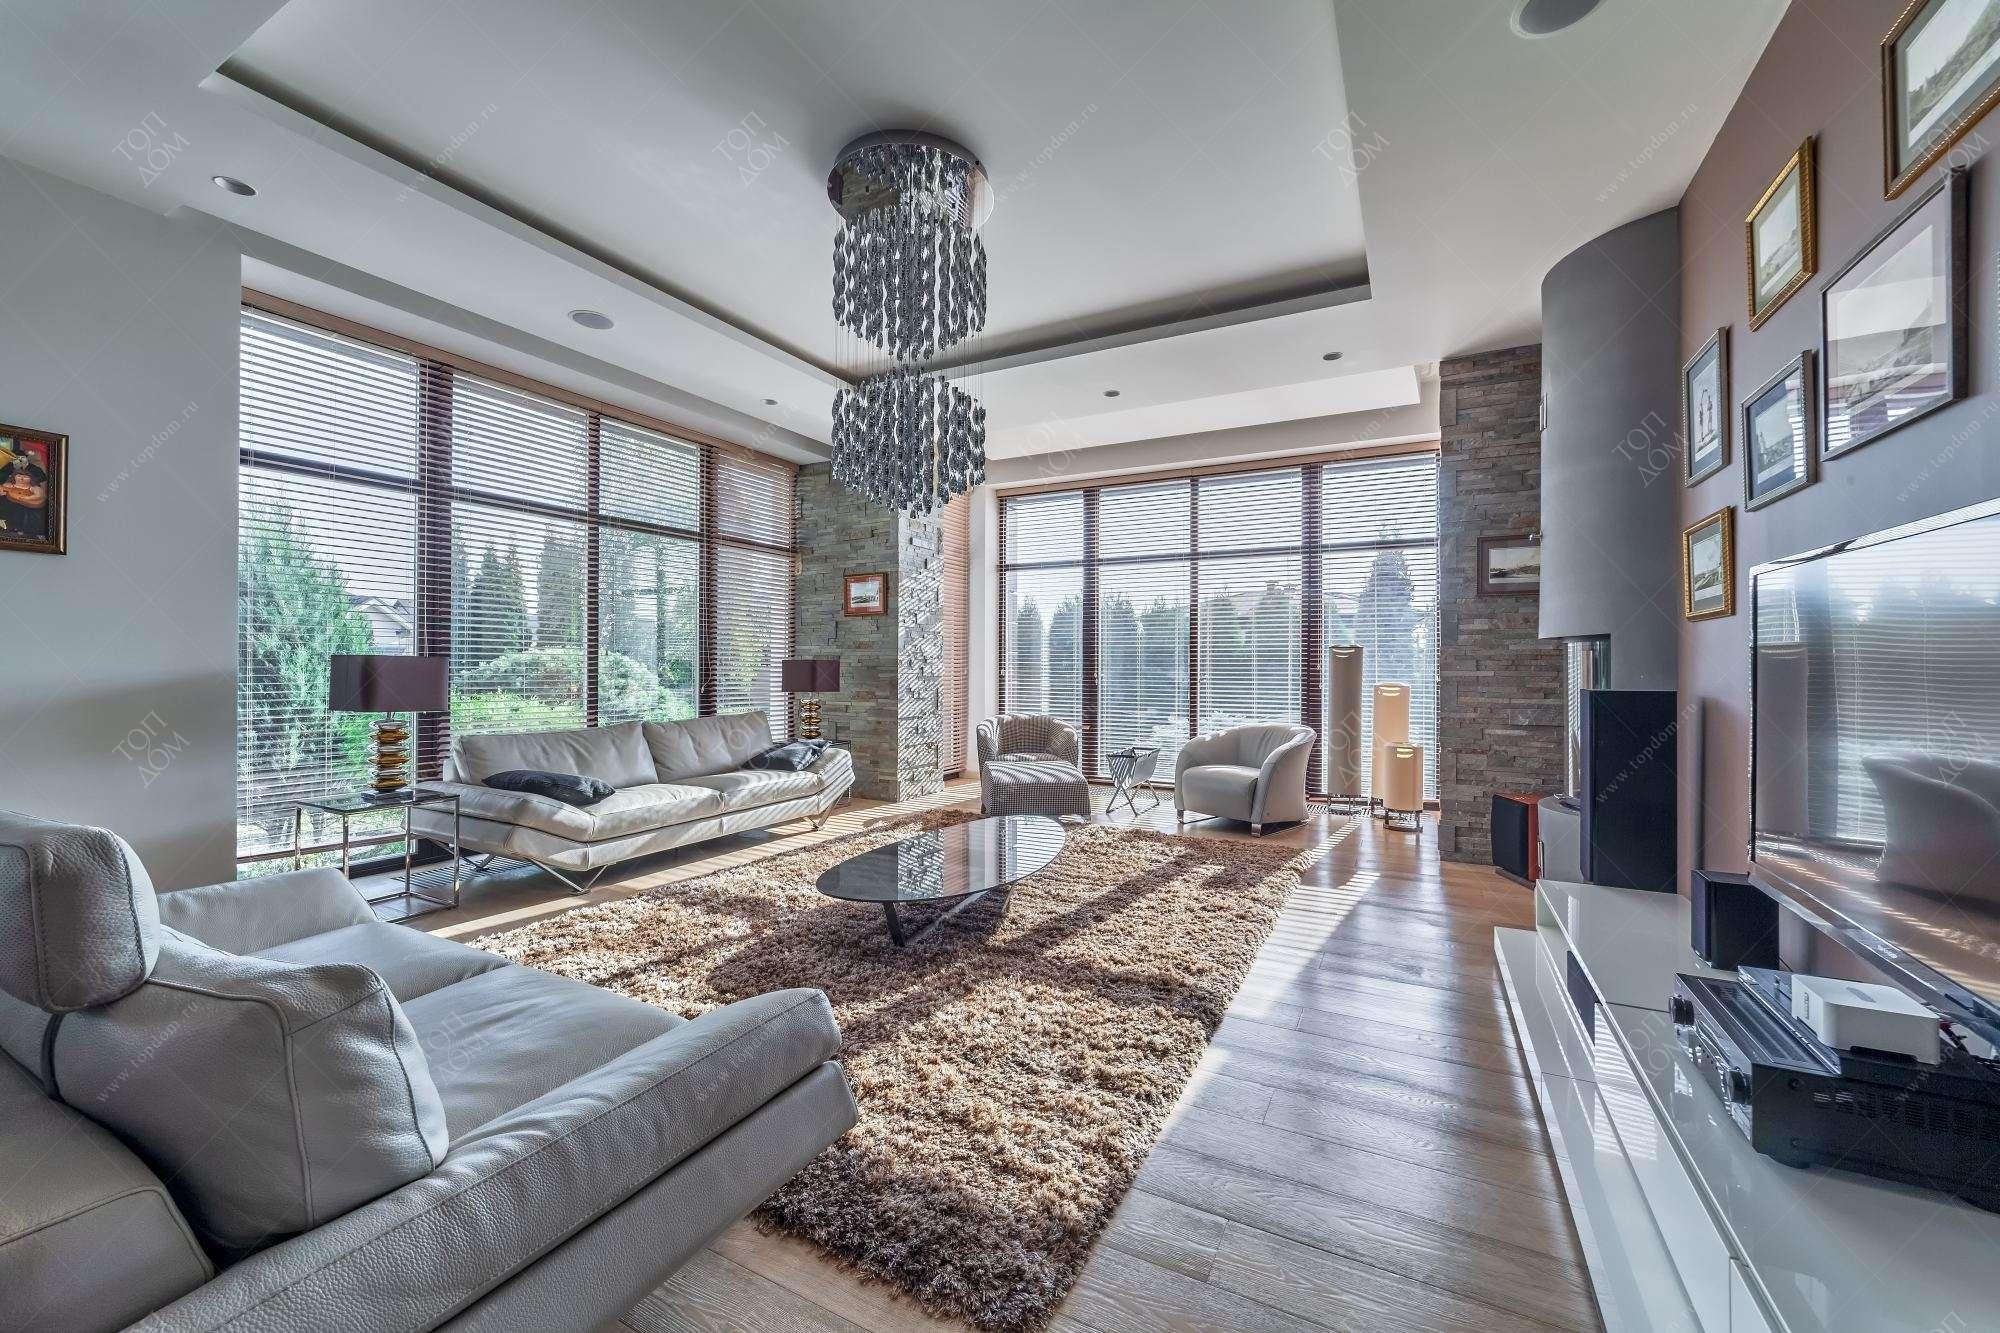 Проект дизайна интерьера гостиной в